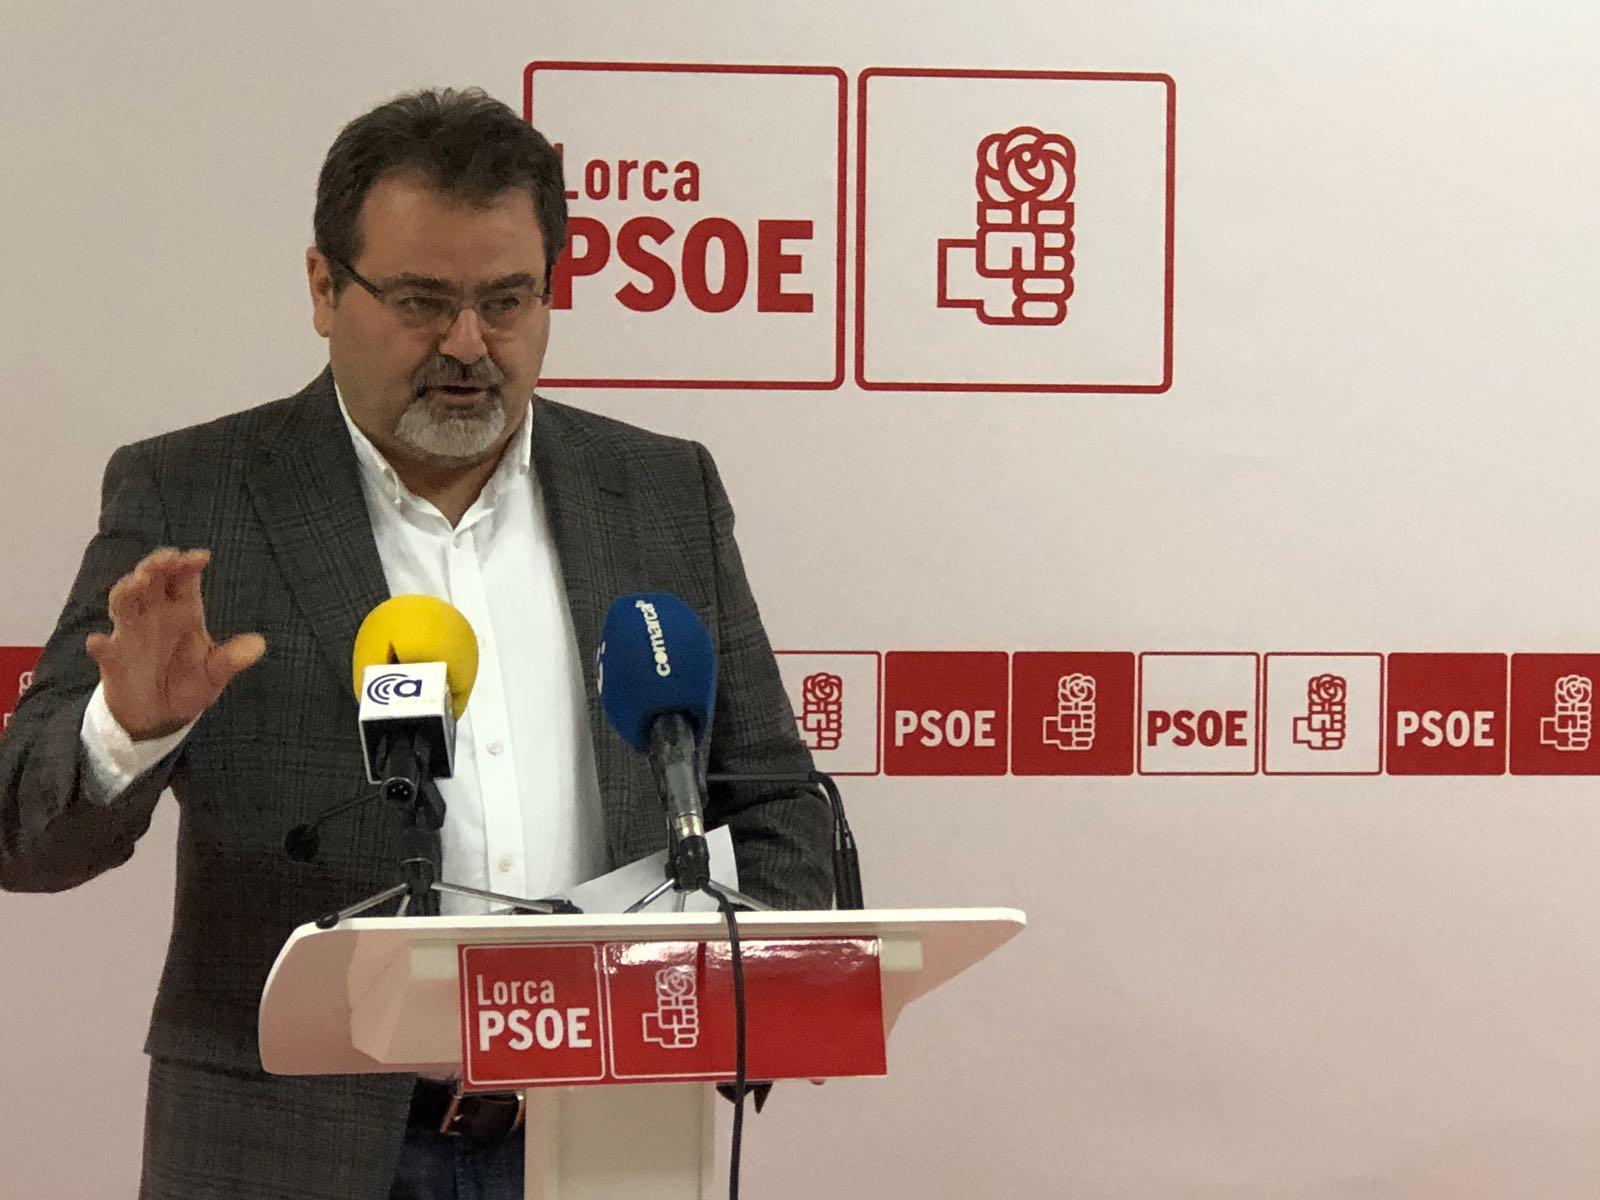 El PSOE exige mayor transparencia en los procesos de selección y una formación profesional acorde con las demandas reales de los sectores empresariales